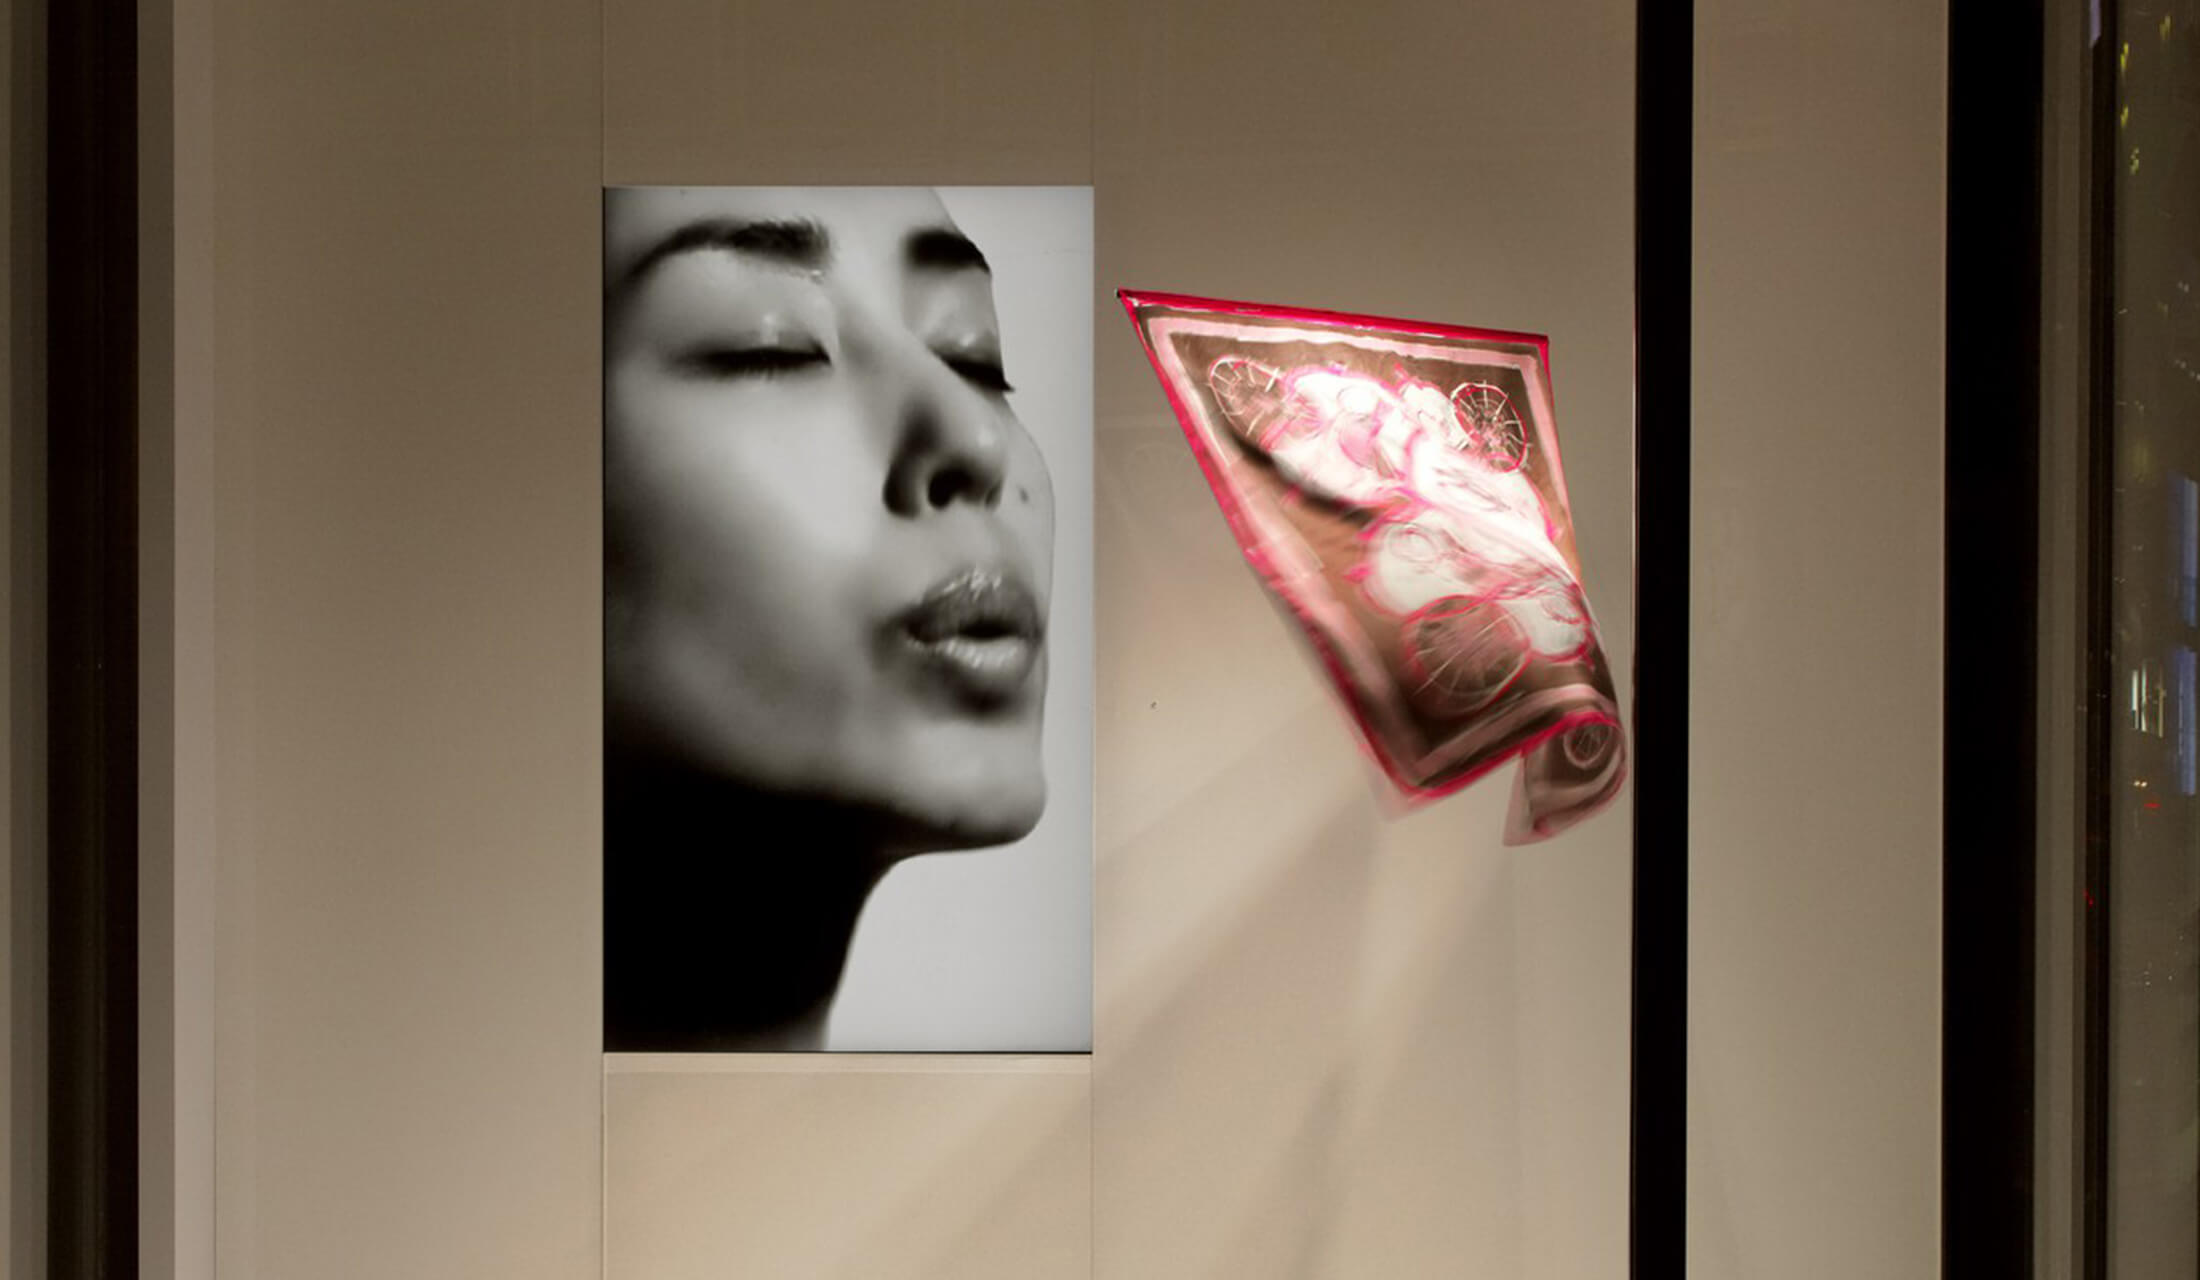 銀座メゾンエルメスのウィンドウディスプレイを飾ったデザイナー・吉岡徳仁の作品『吐息』